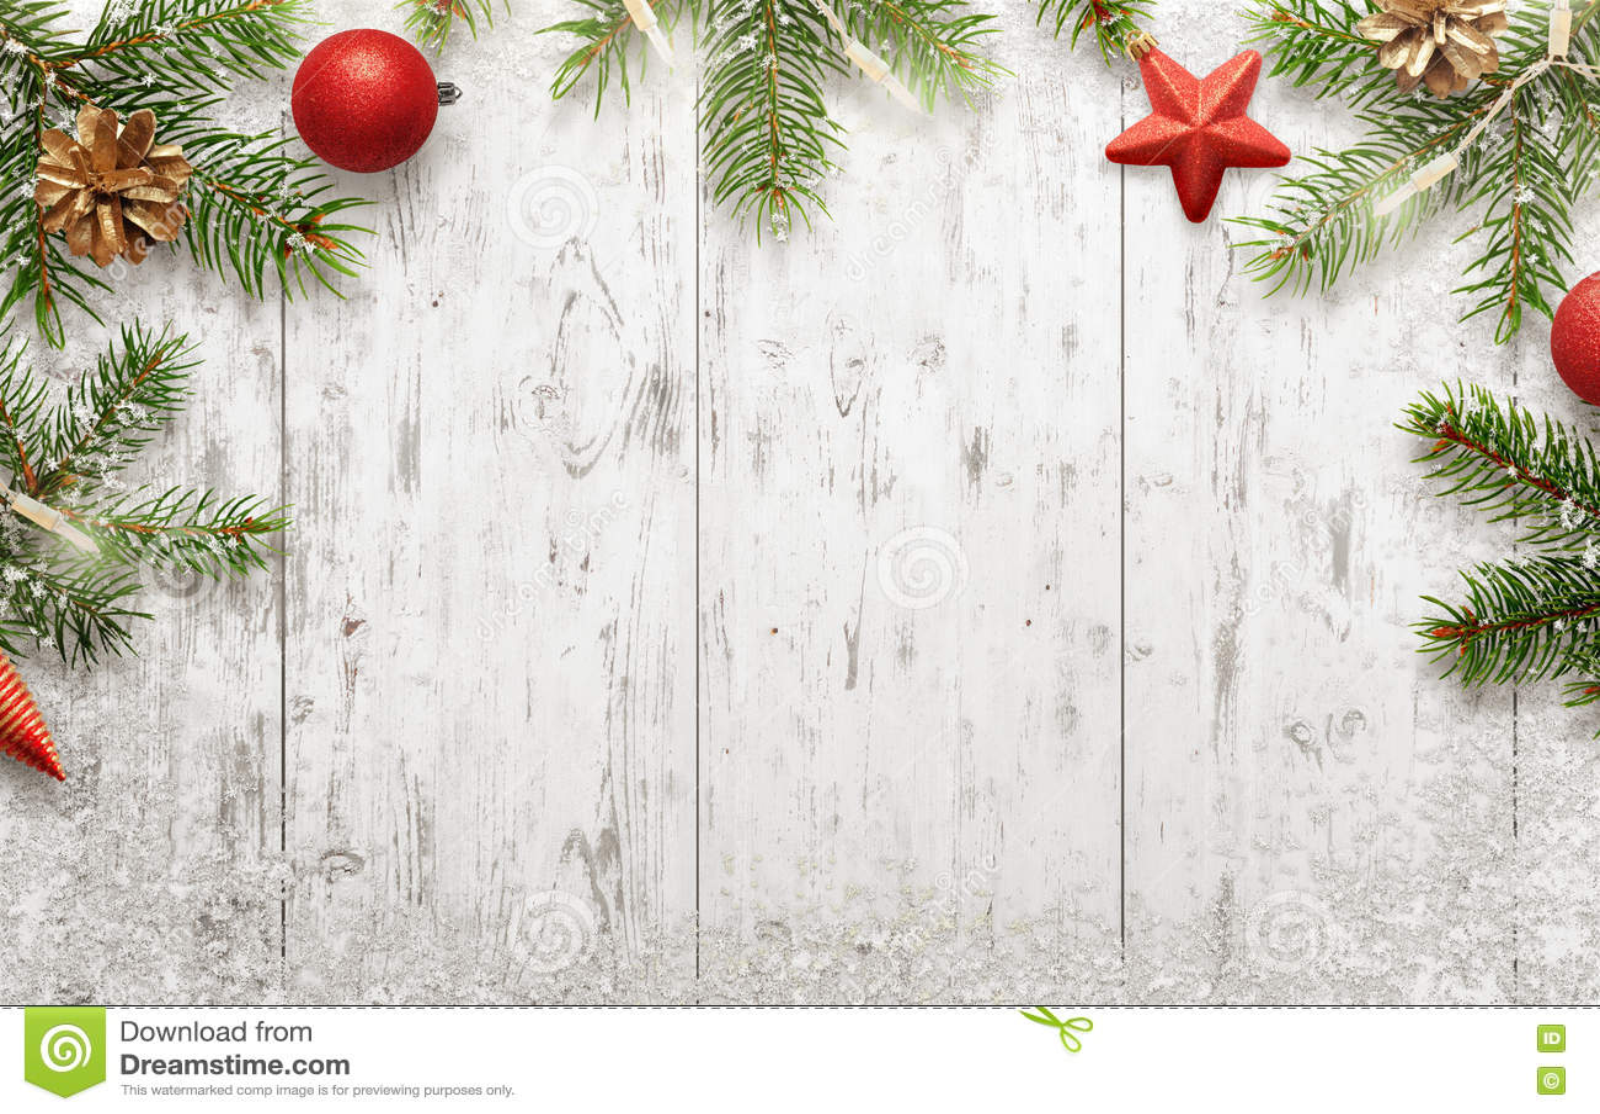 Fond De Nol Blanc Avec Larbre Et Les Dcorations Image